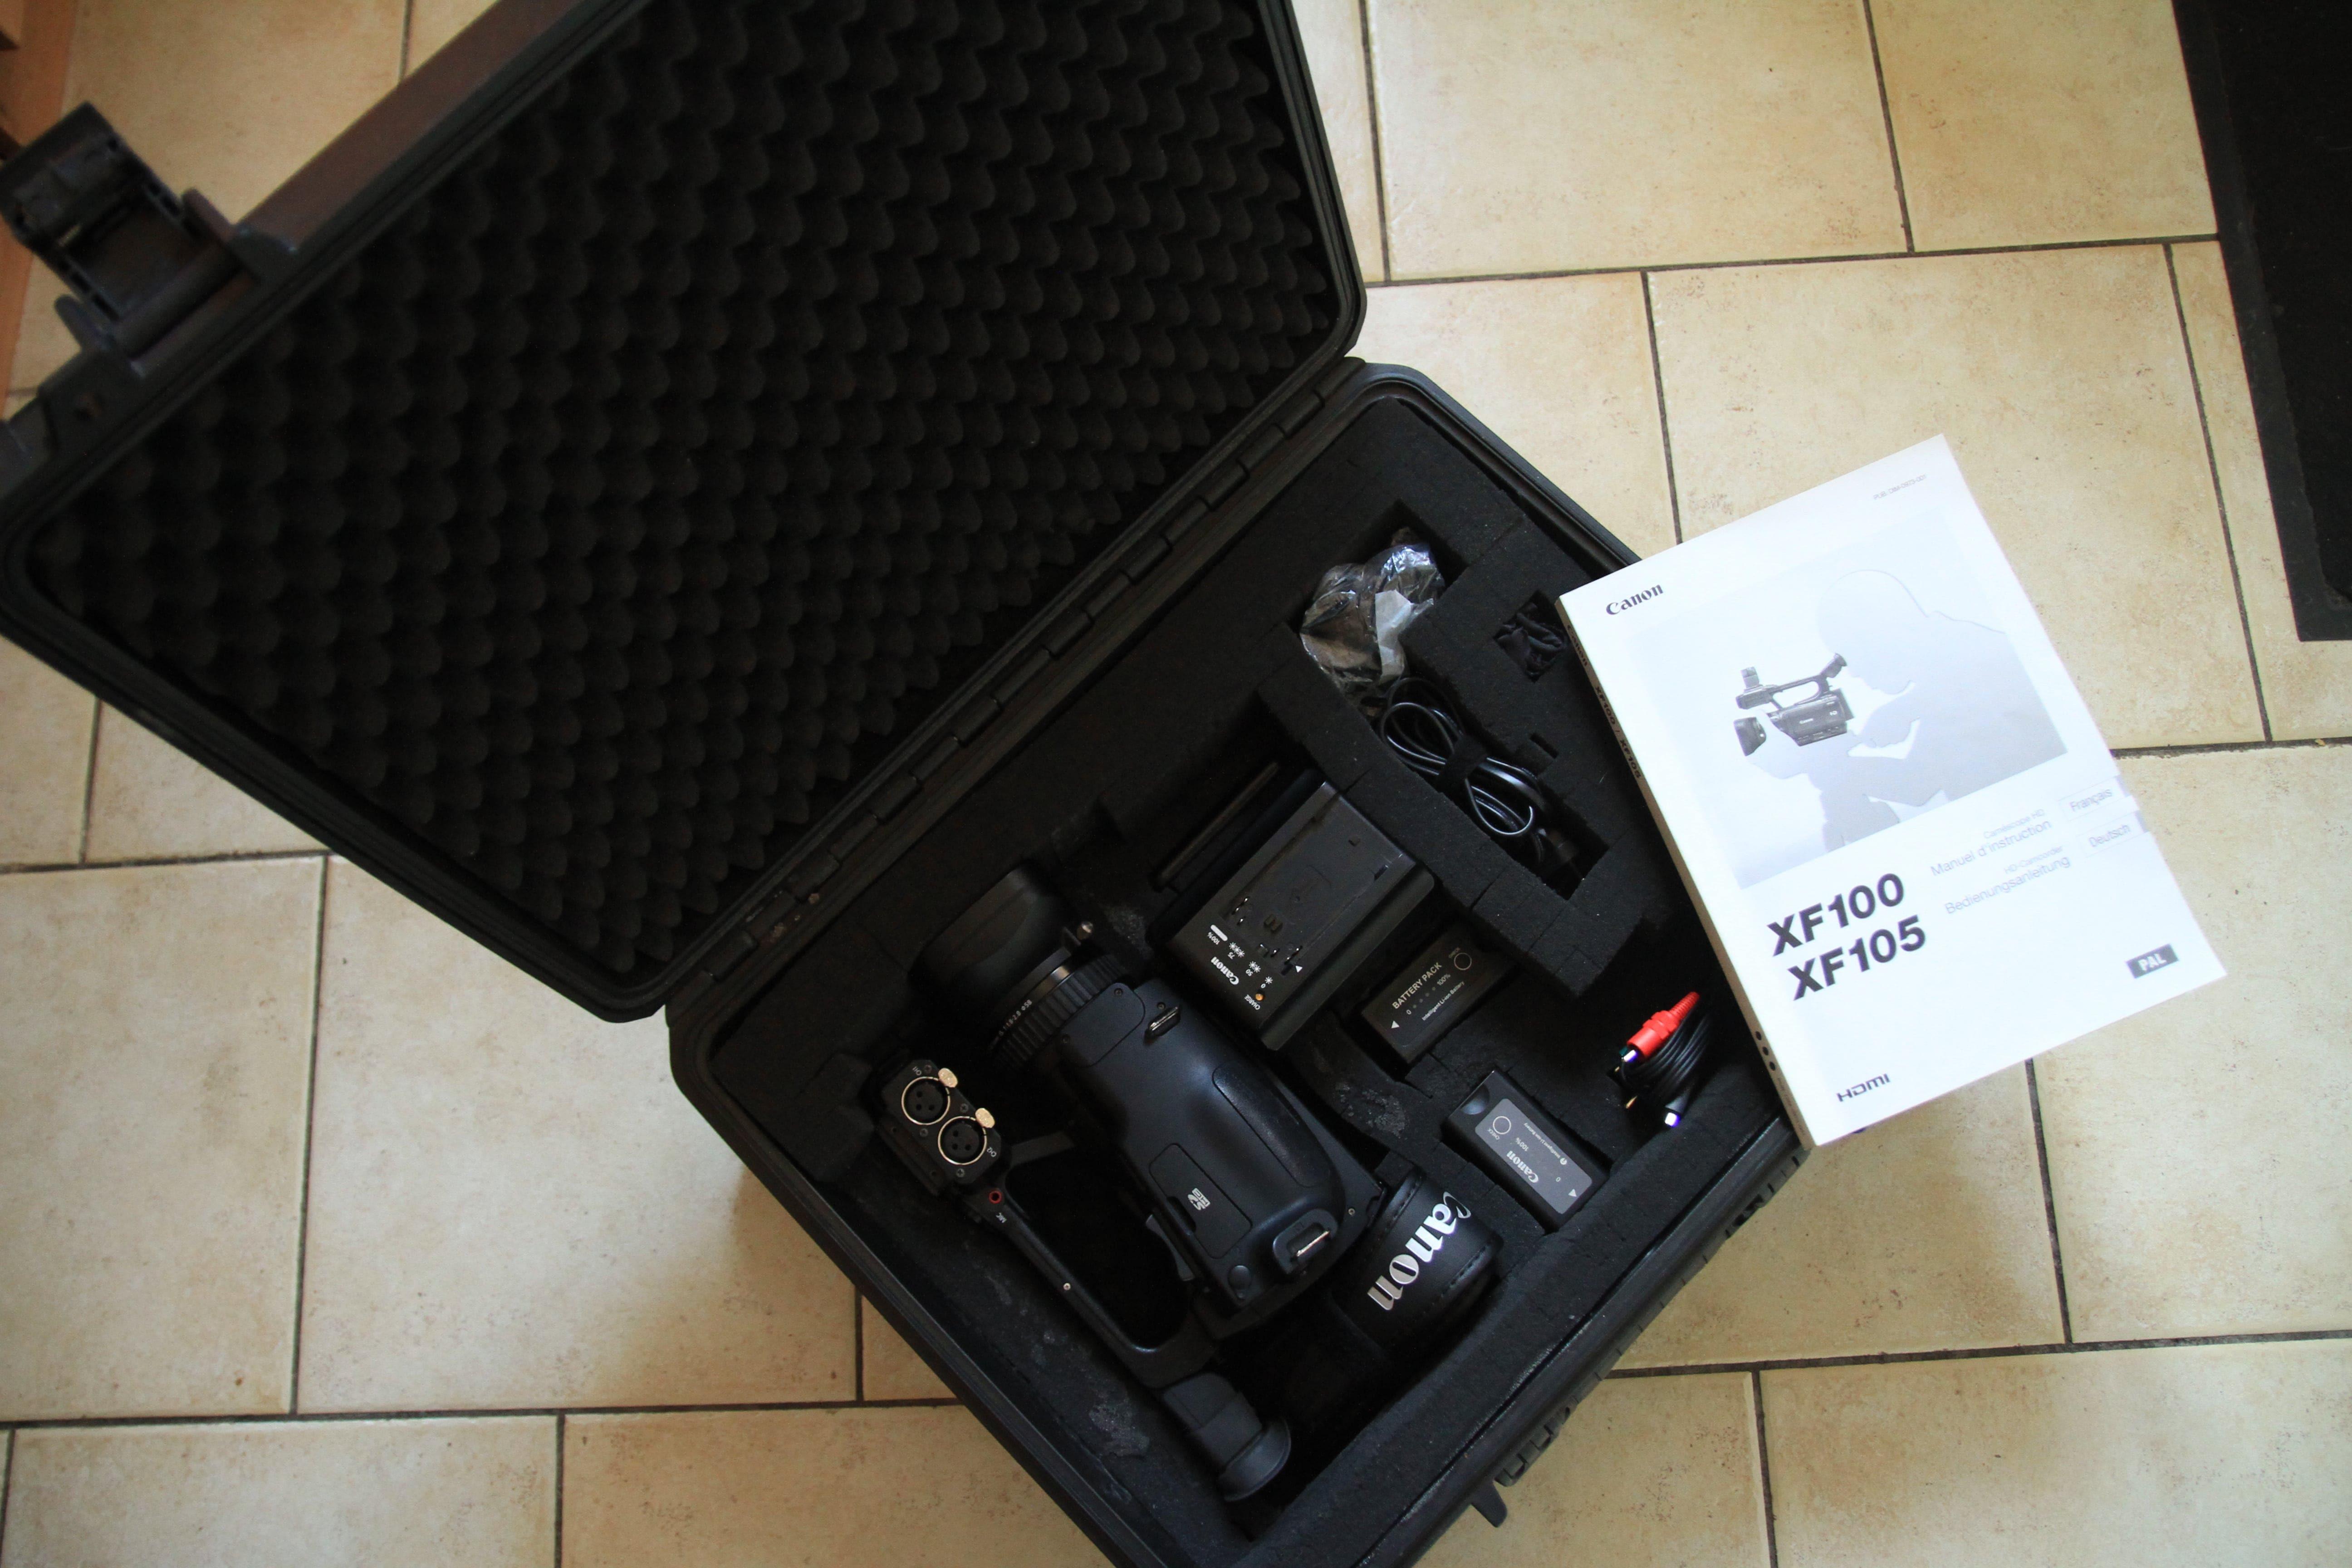 KIT de 3 Camescopes CANON XF100 (années 2013/2015/2015) + Accessoires